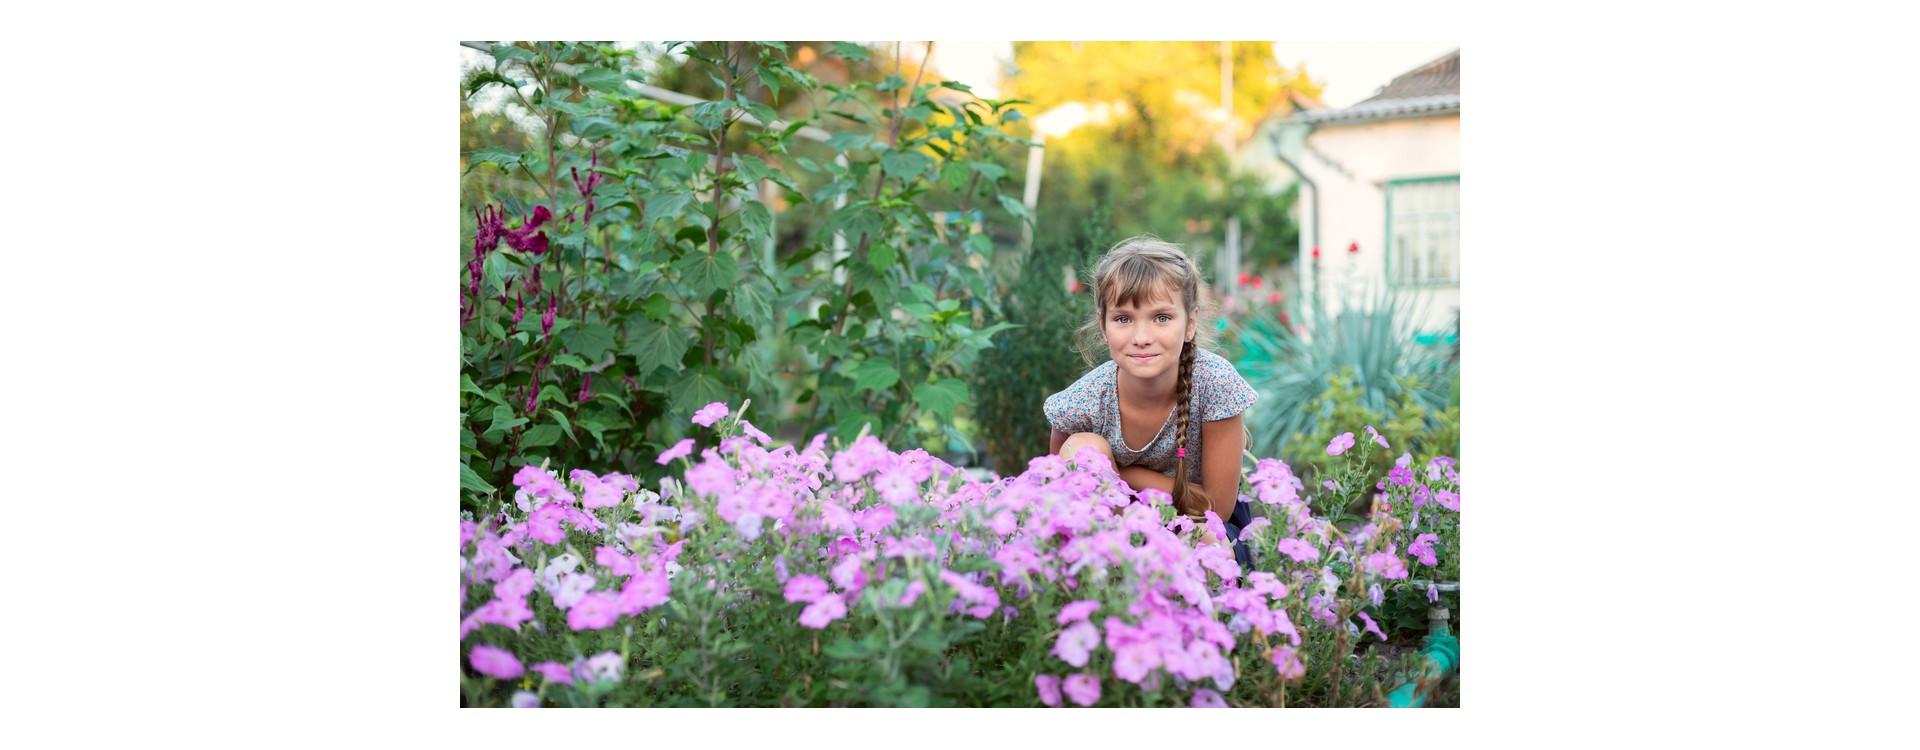 Amenajarea grădinii: stiluri, etape de lucru și sfaturi utile [+ galerie foto]